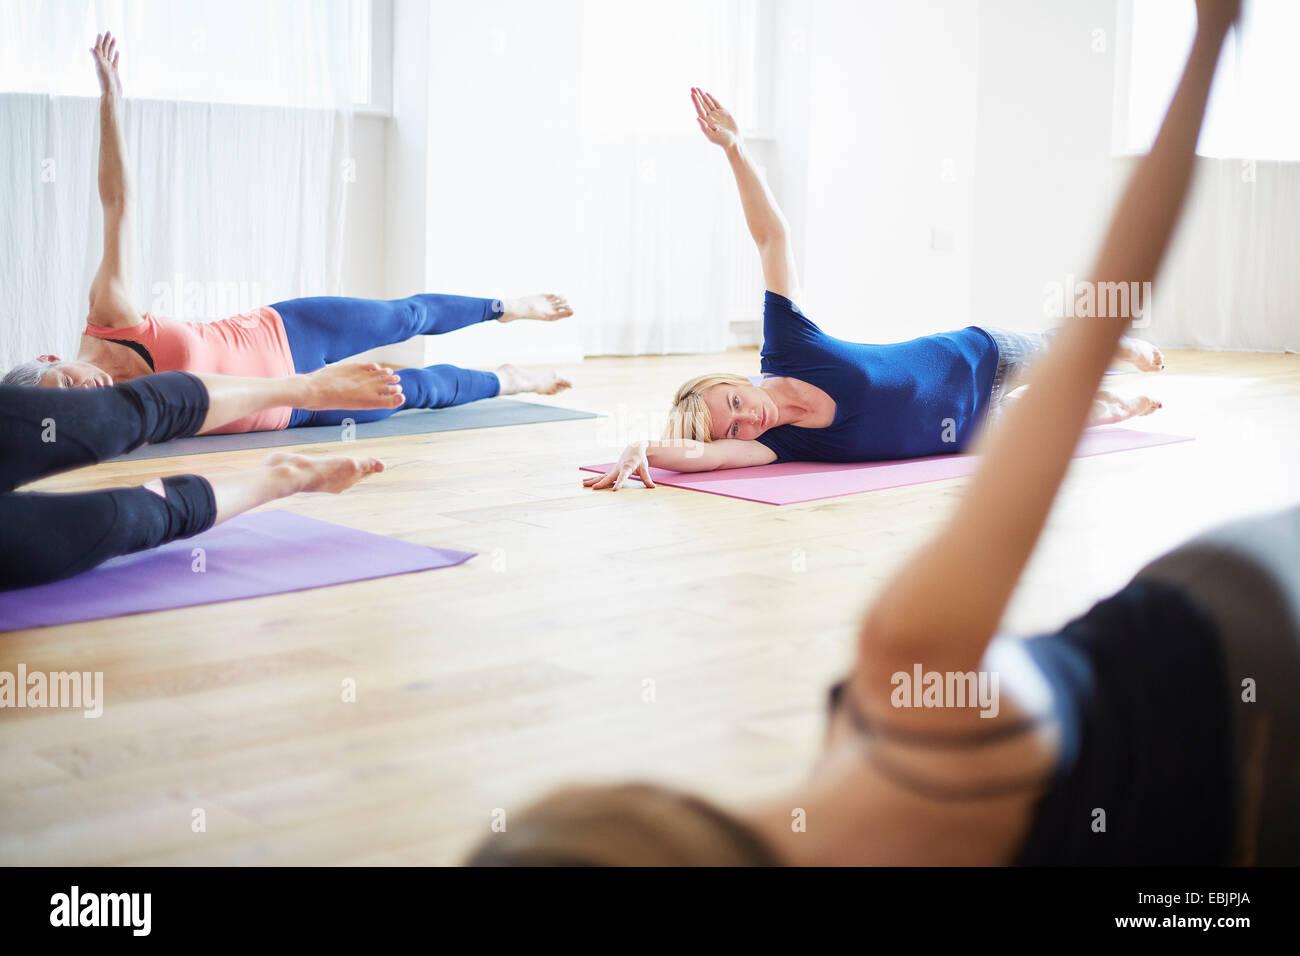 Cuatro mujeres acostado en el lado con los brazos levantados en clase de pilates Imagen De Stock